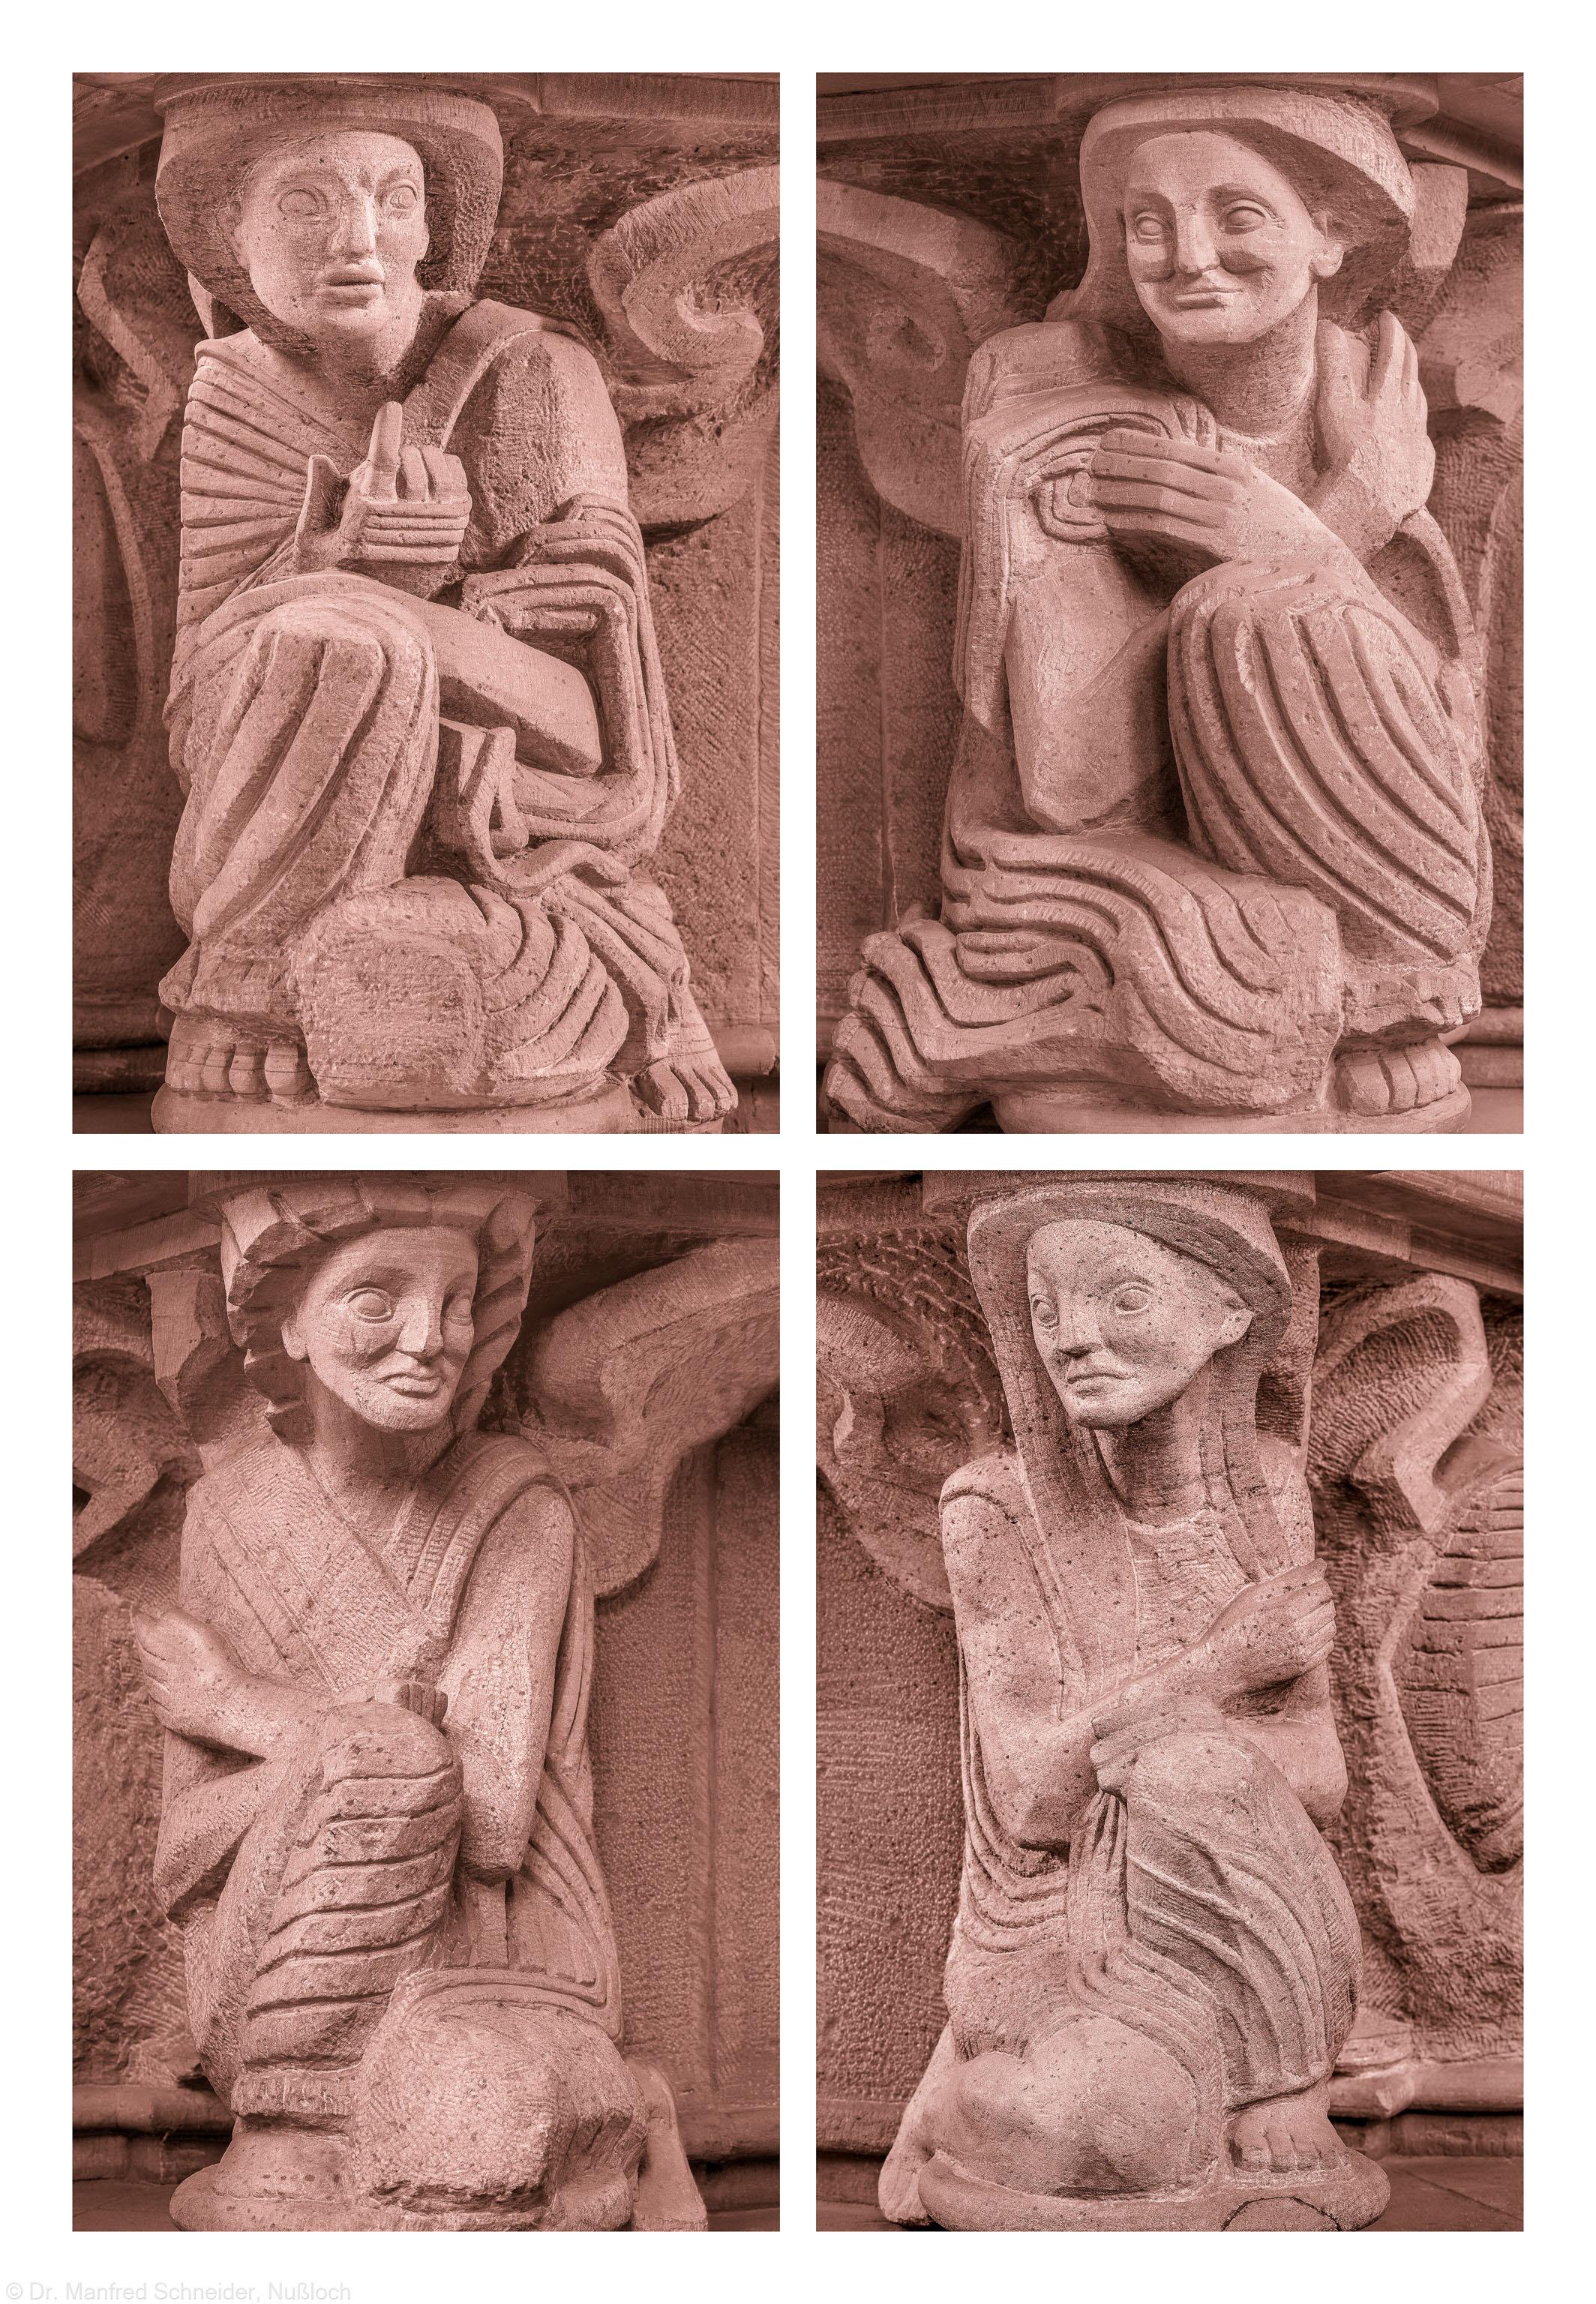 Heidelberg - Heiliggeistkirche - Altar von Edzard Hobbing - Alle 4 Genien (v.l.n.r.: Nordwest, Südwest, Südost, Nordost) (aufgenommen im November 2013, nachmittags)